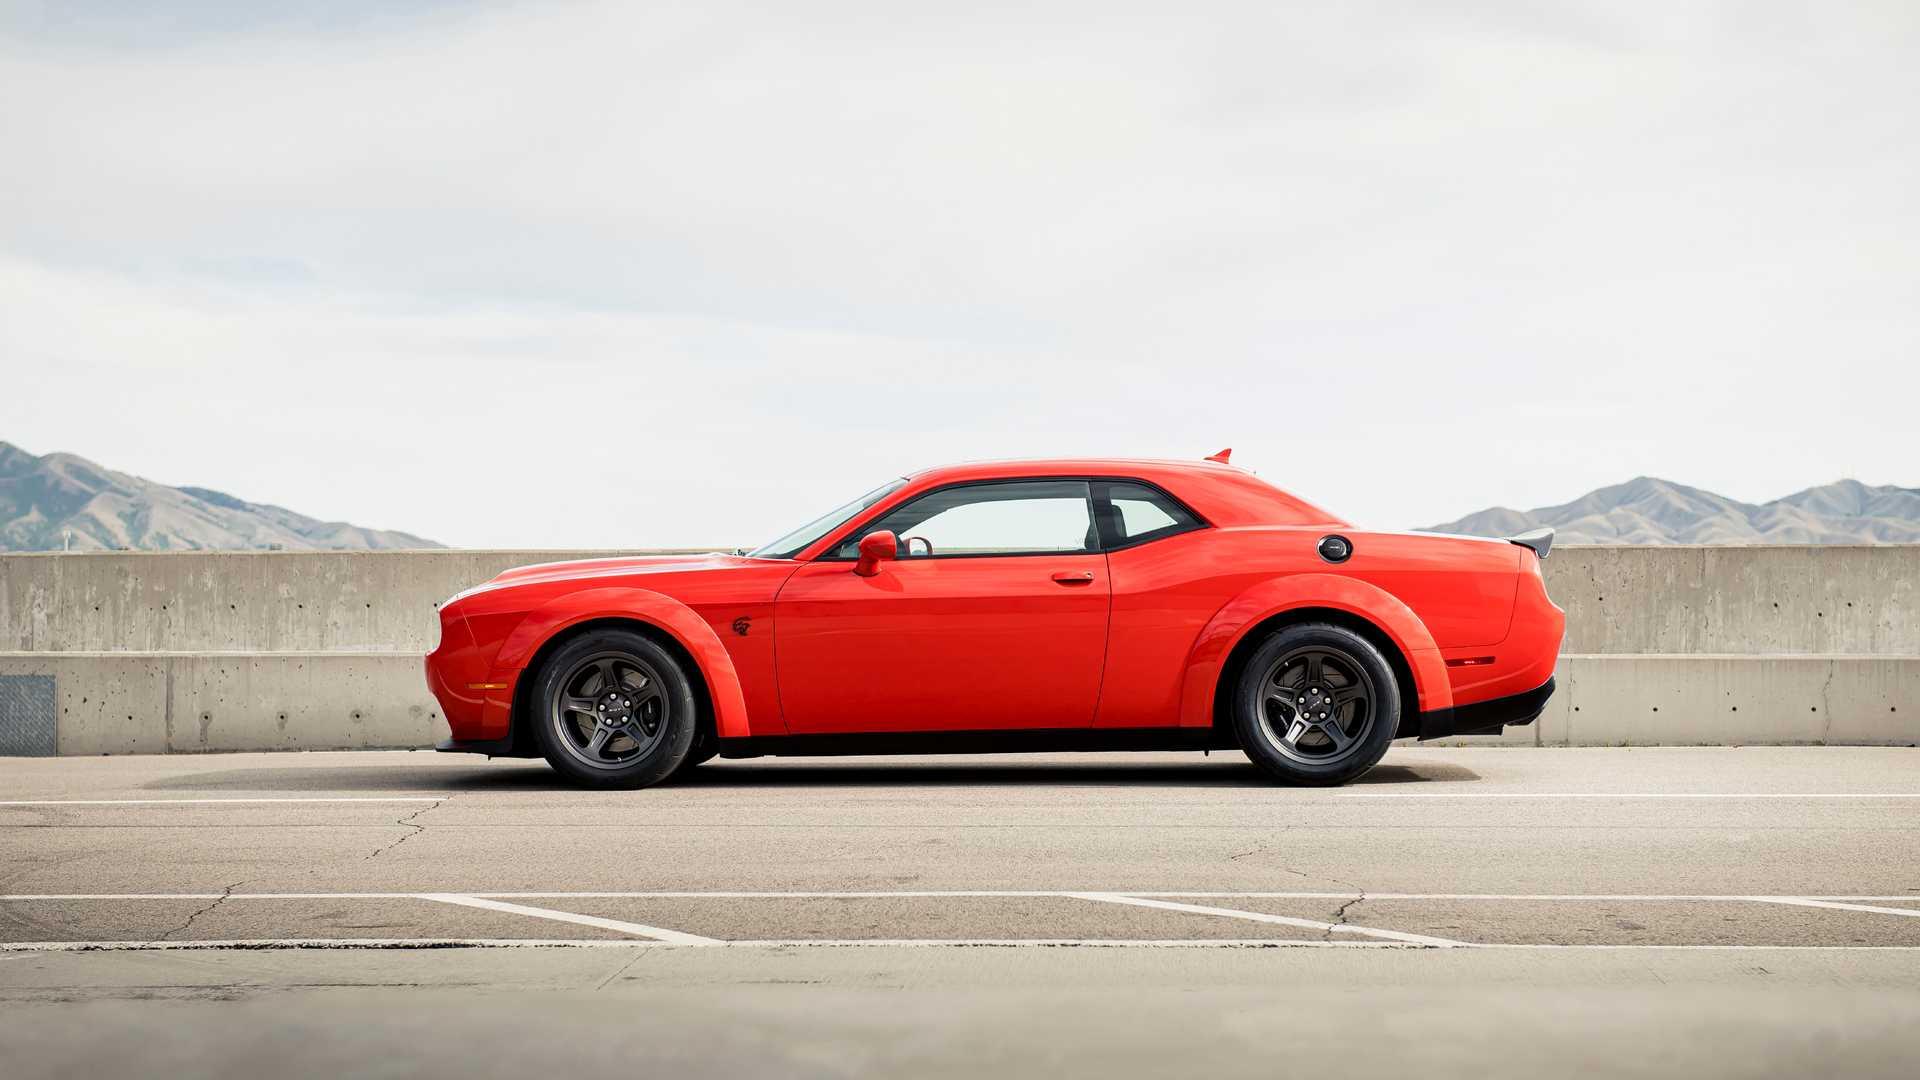 Kelebihan Kekurangan Dodge Ss Top Model Tahun Ini